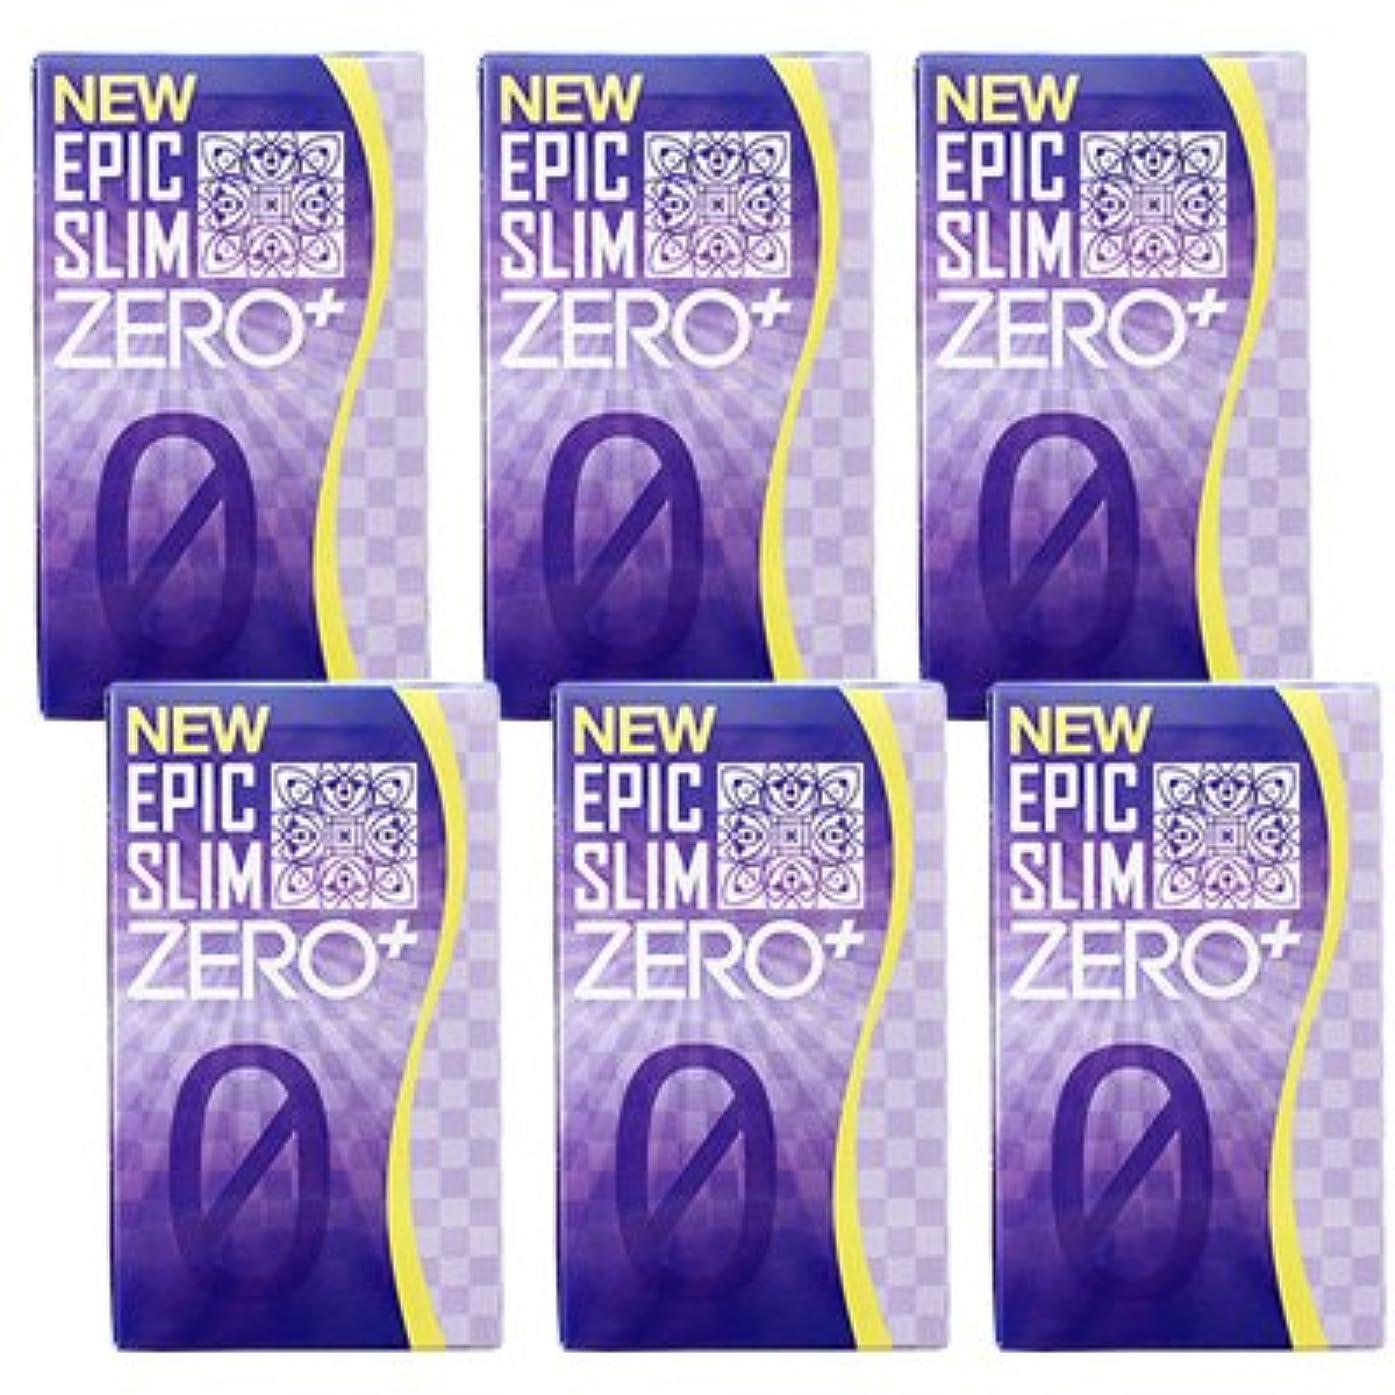 忌まわしい宇宙船時々時々NEW エピックスリム ゼロ+ 6個セット NEW Epic Slim ZERO PLUS